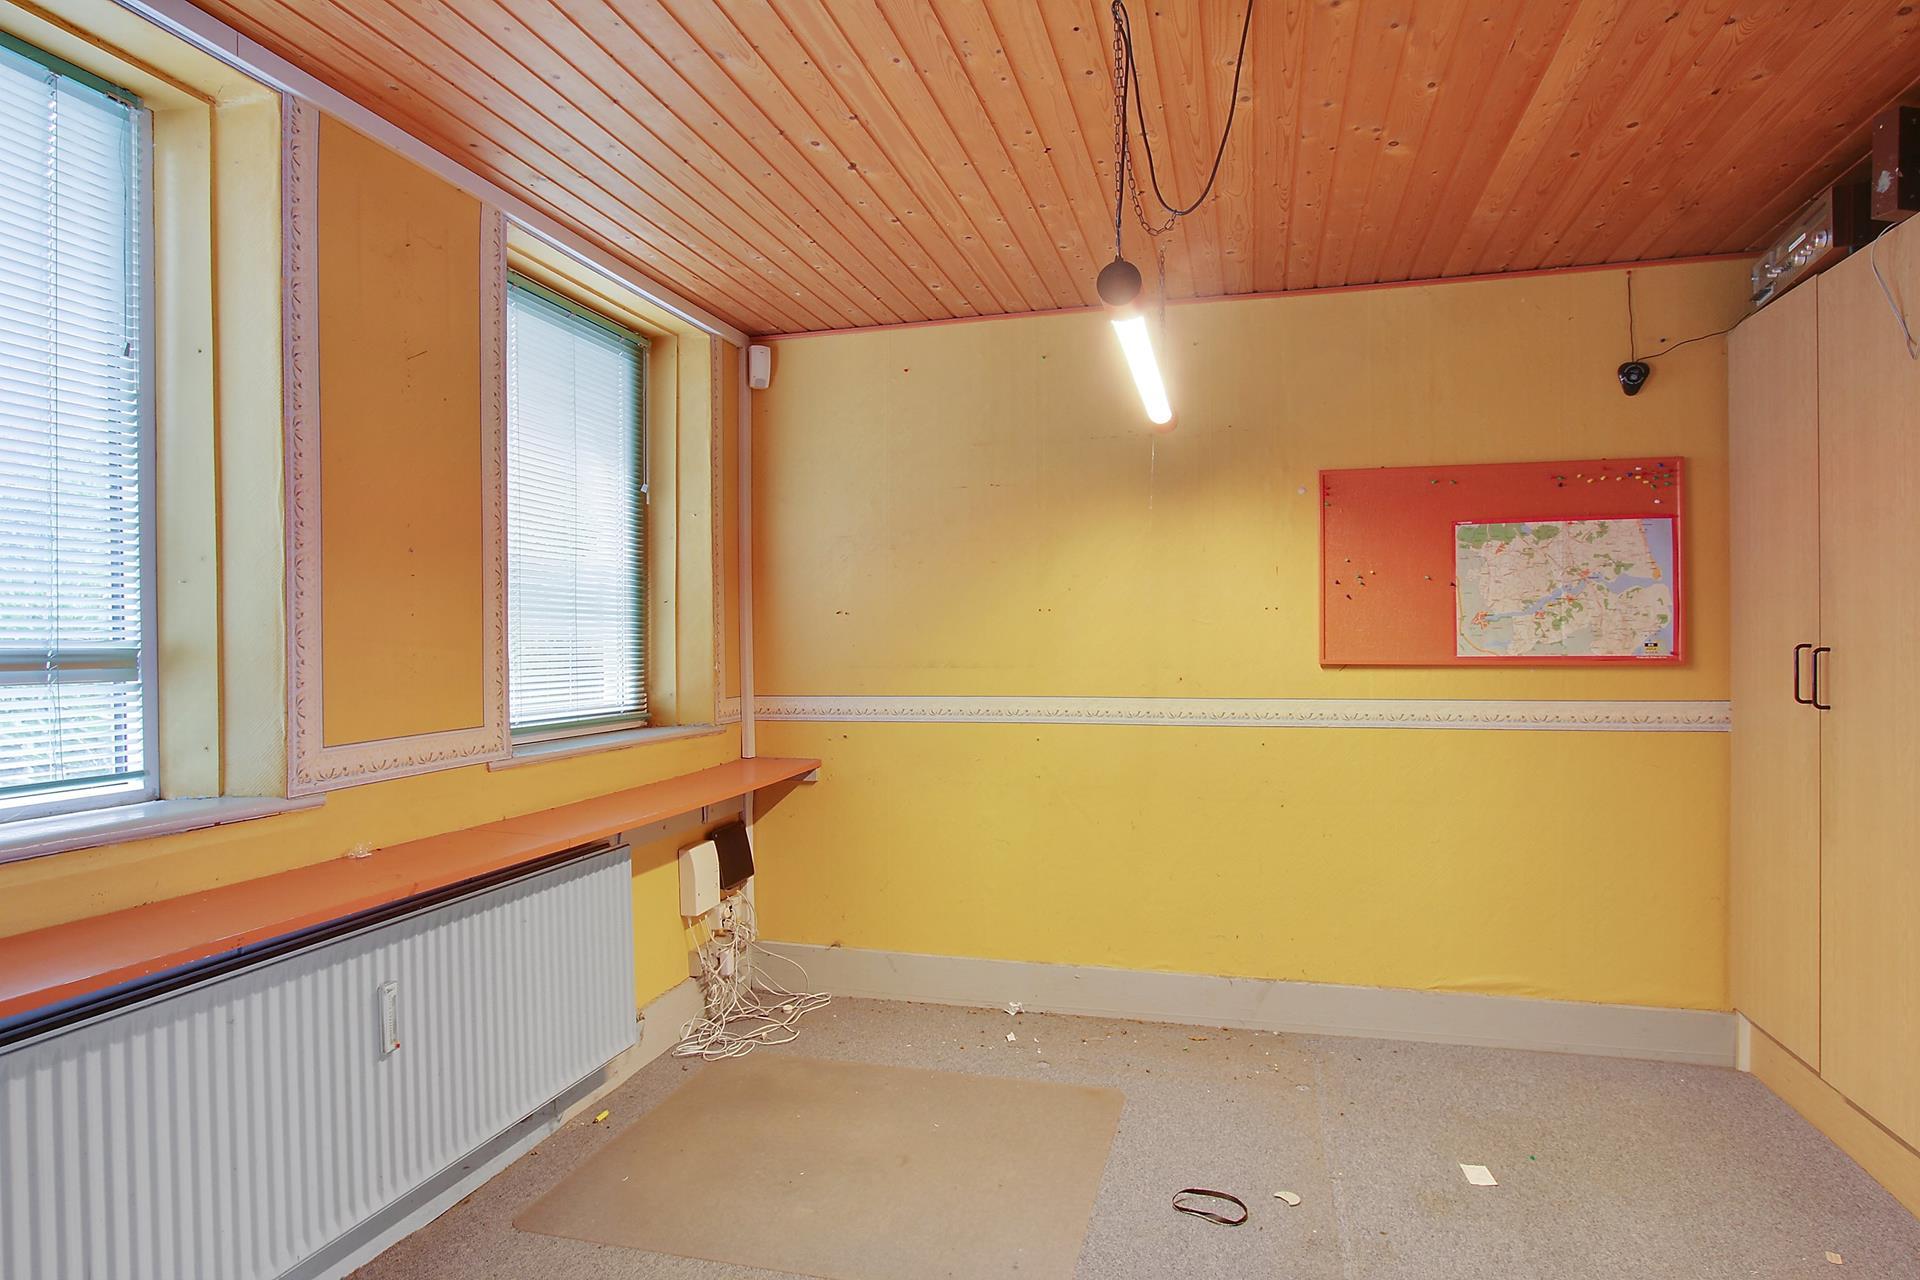 Bolig/erhverv på Østergade i Hadsund - Kontor